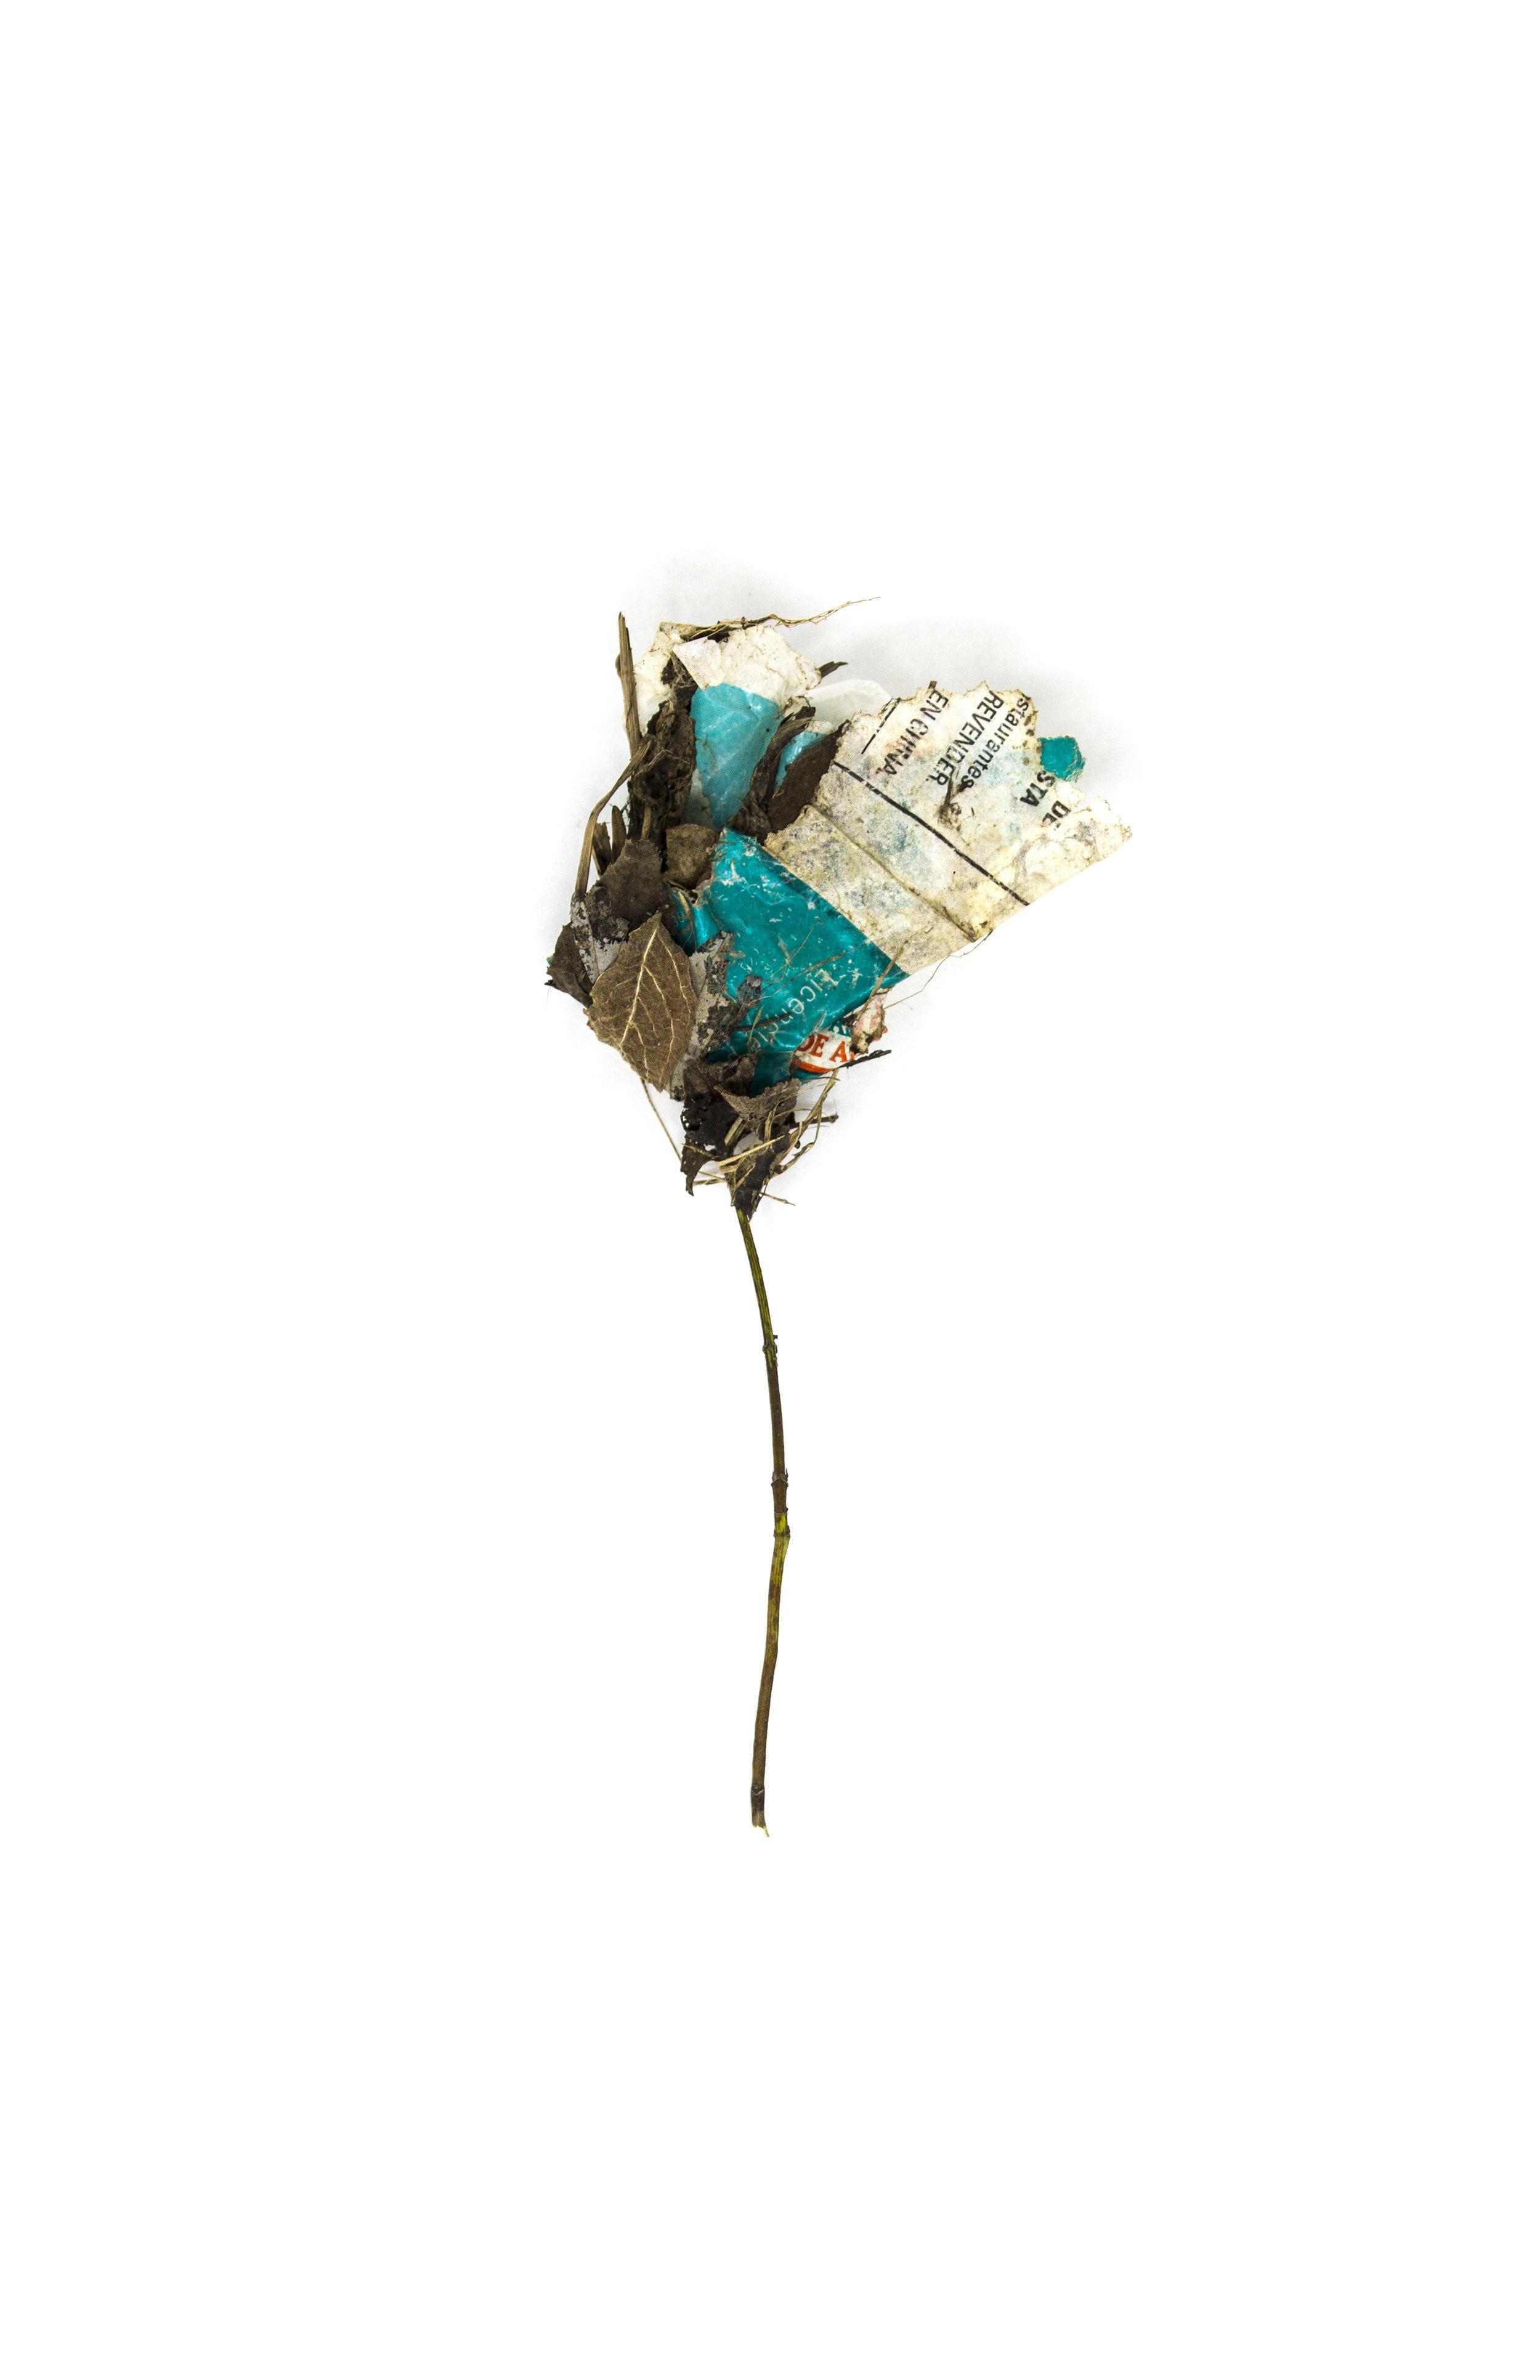 Debris_Flower_52.jpg